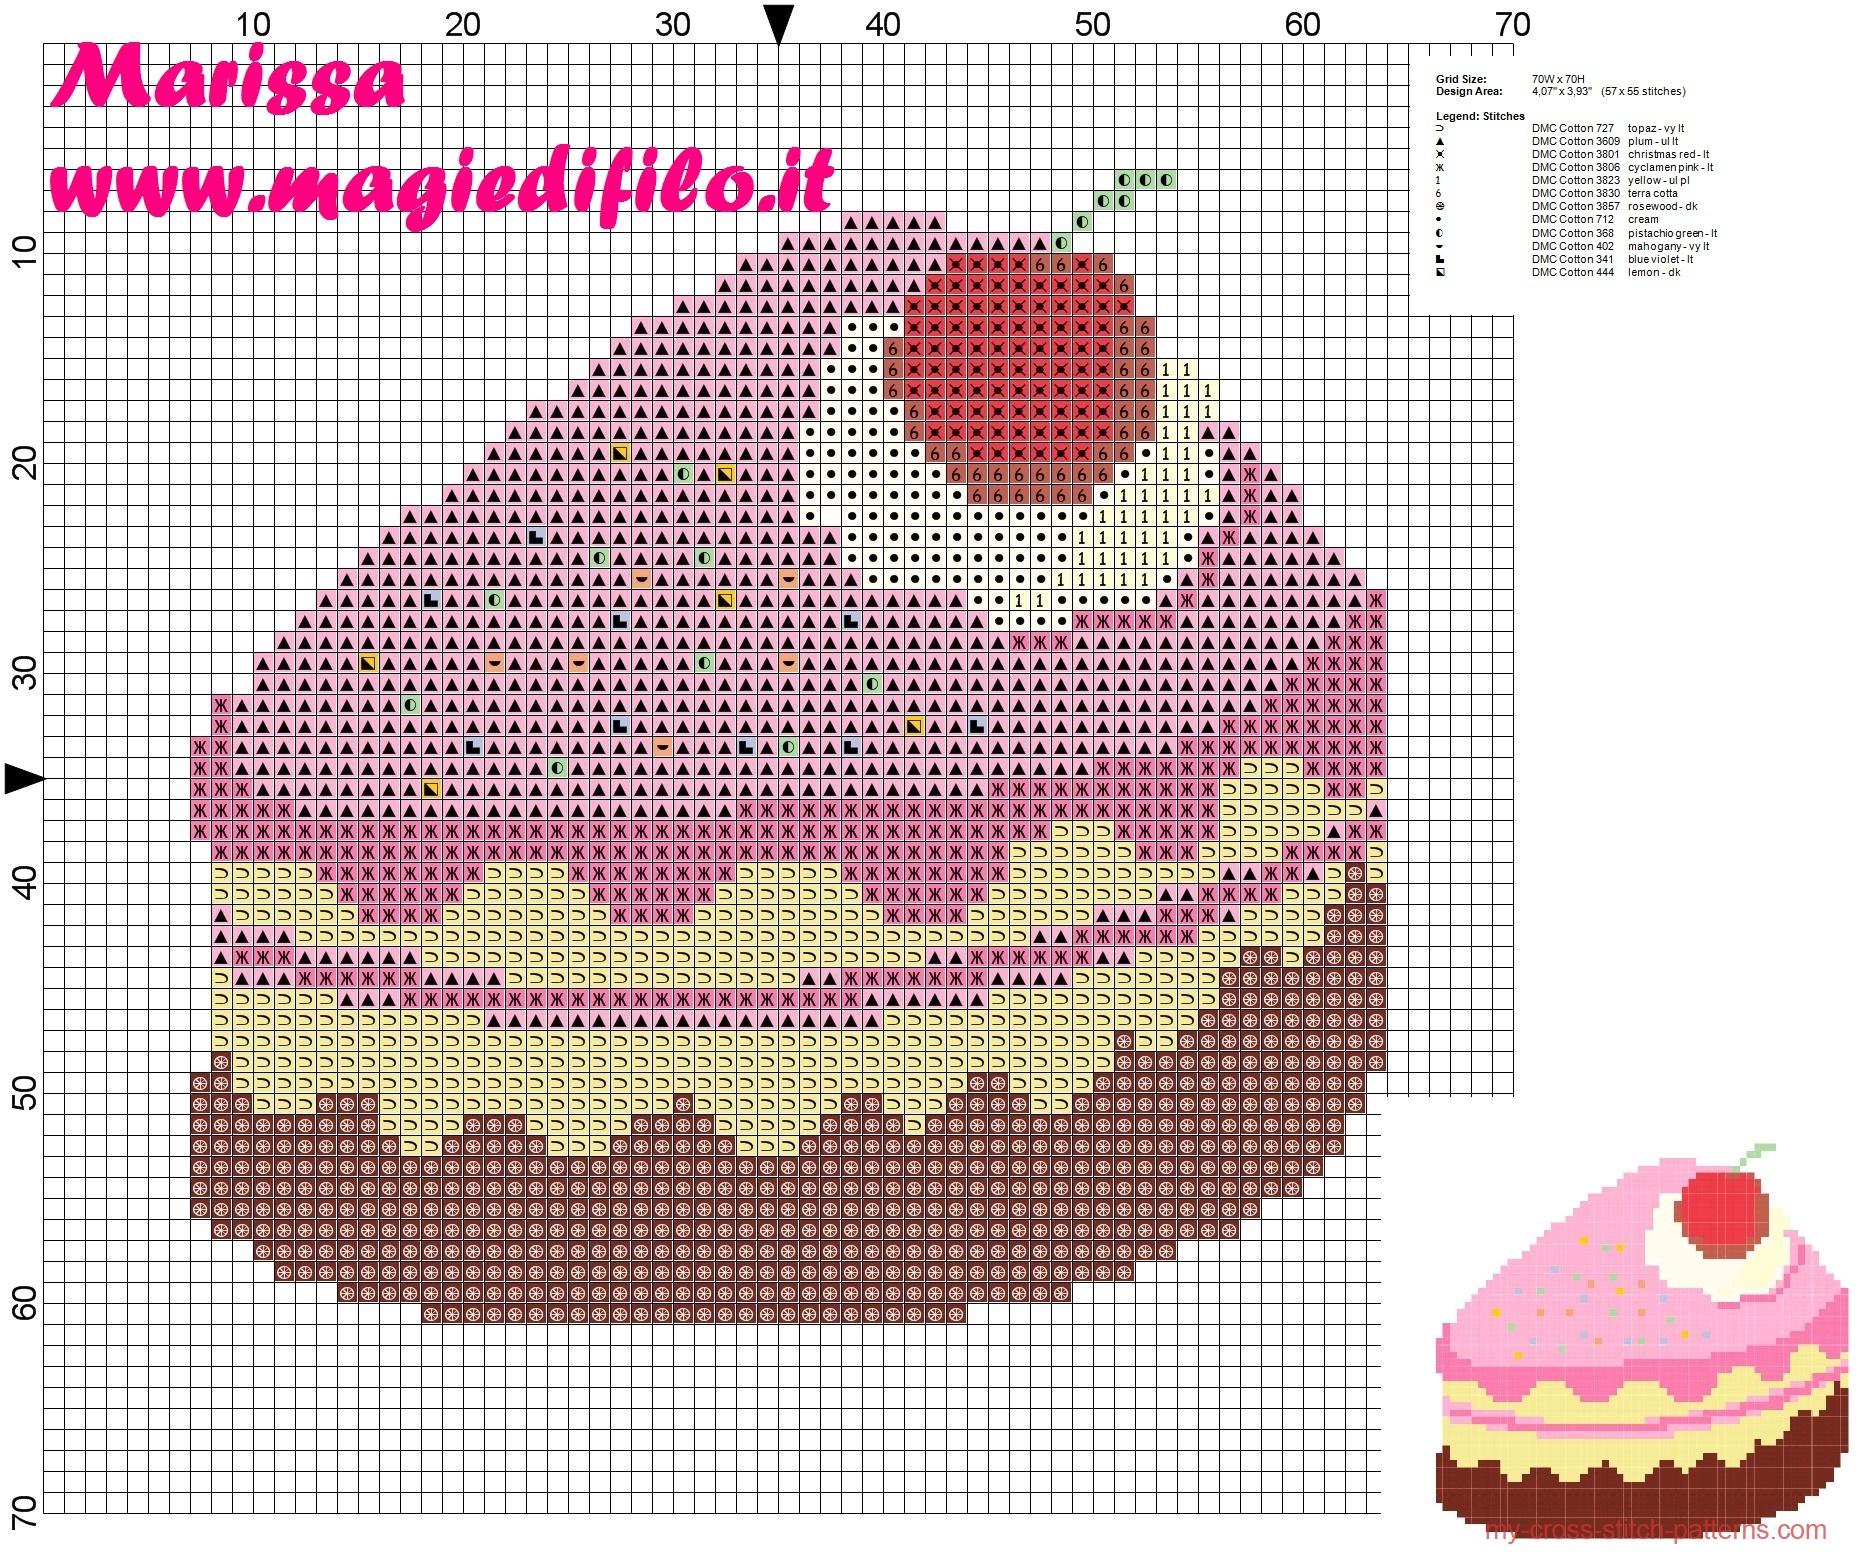 slie_of_cake